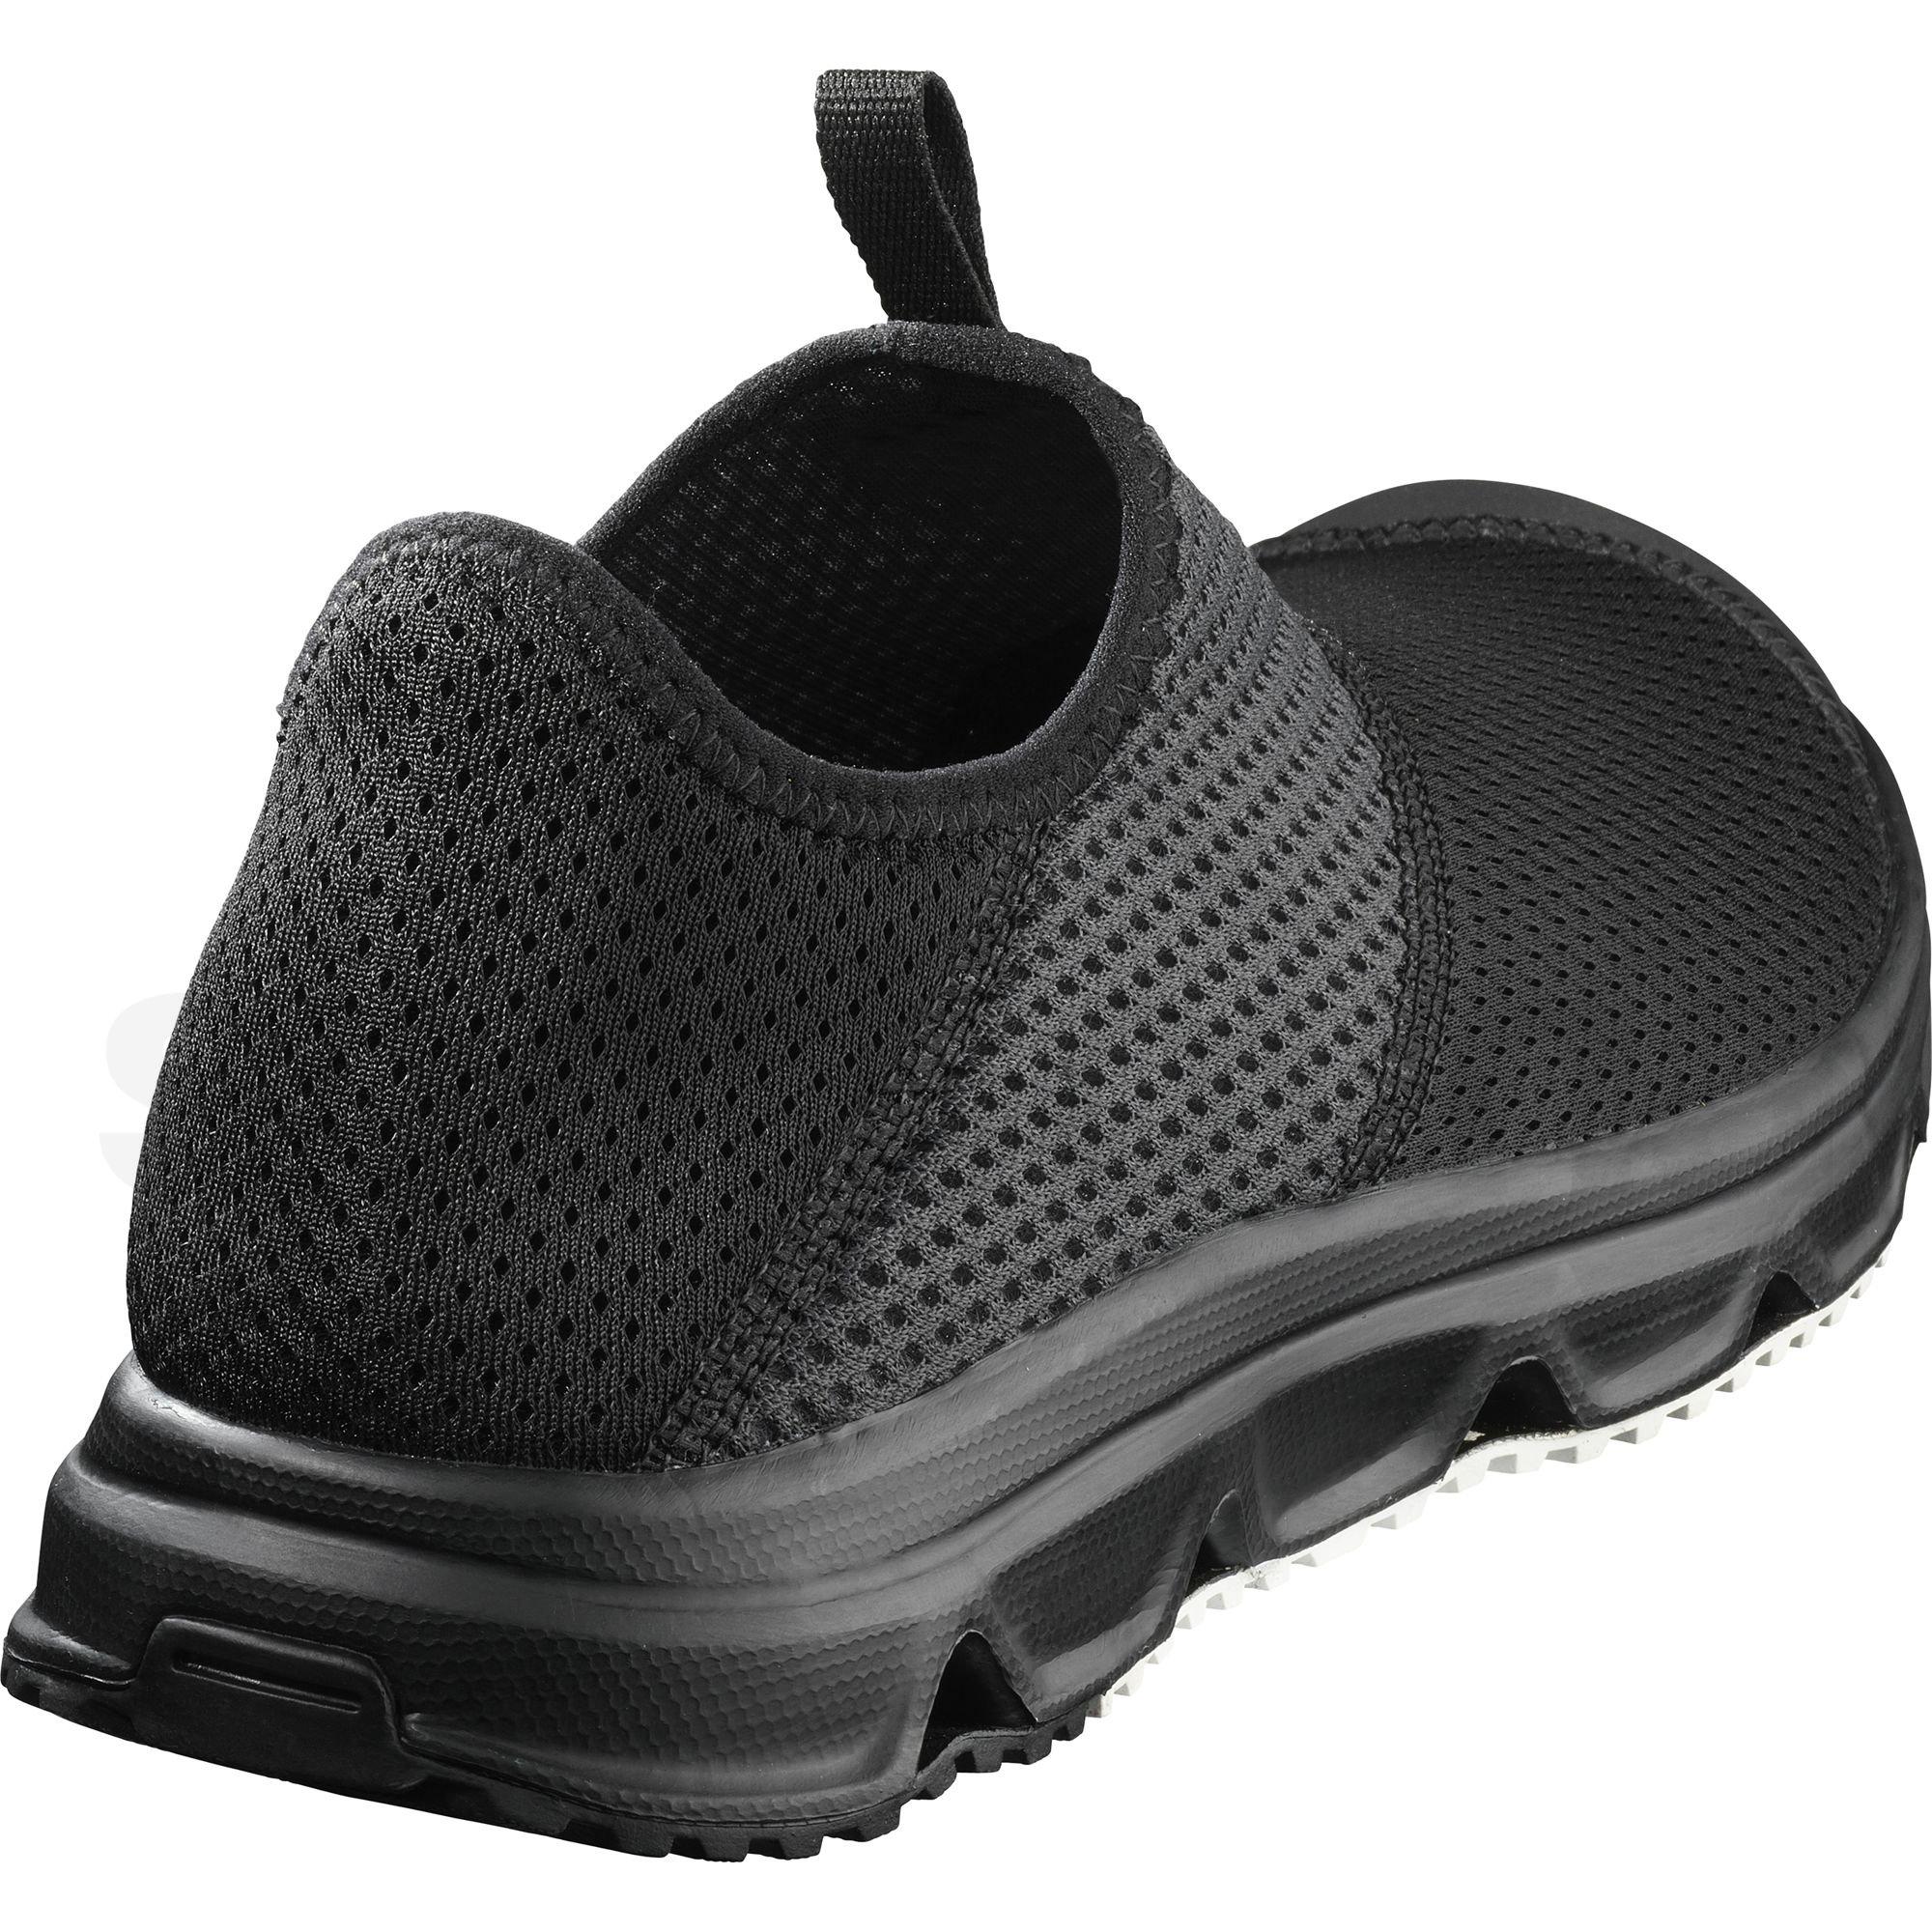 3e869227a7da Pánská relaxační obuv Salomon RX MOC 4.0 M Black PHANTOM White ...